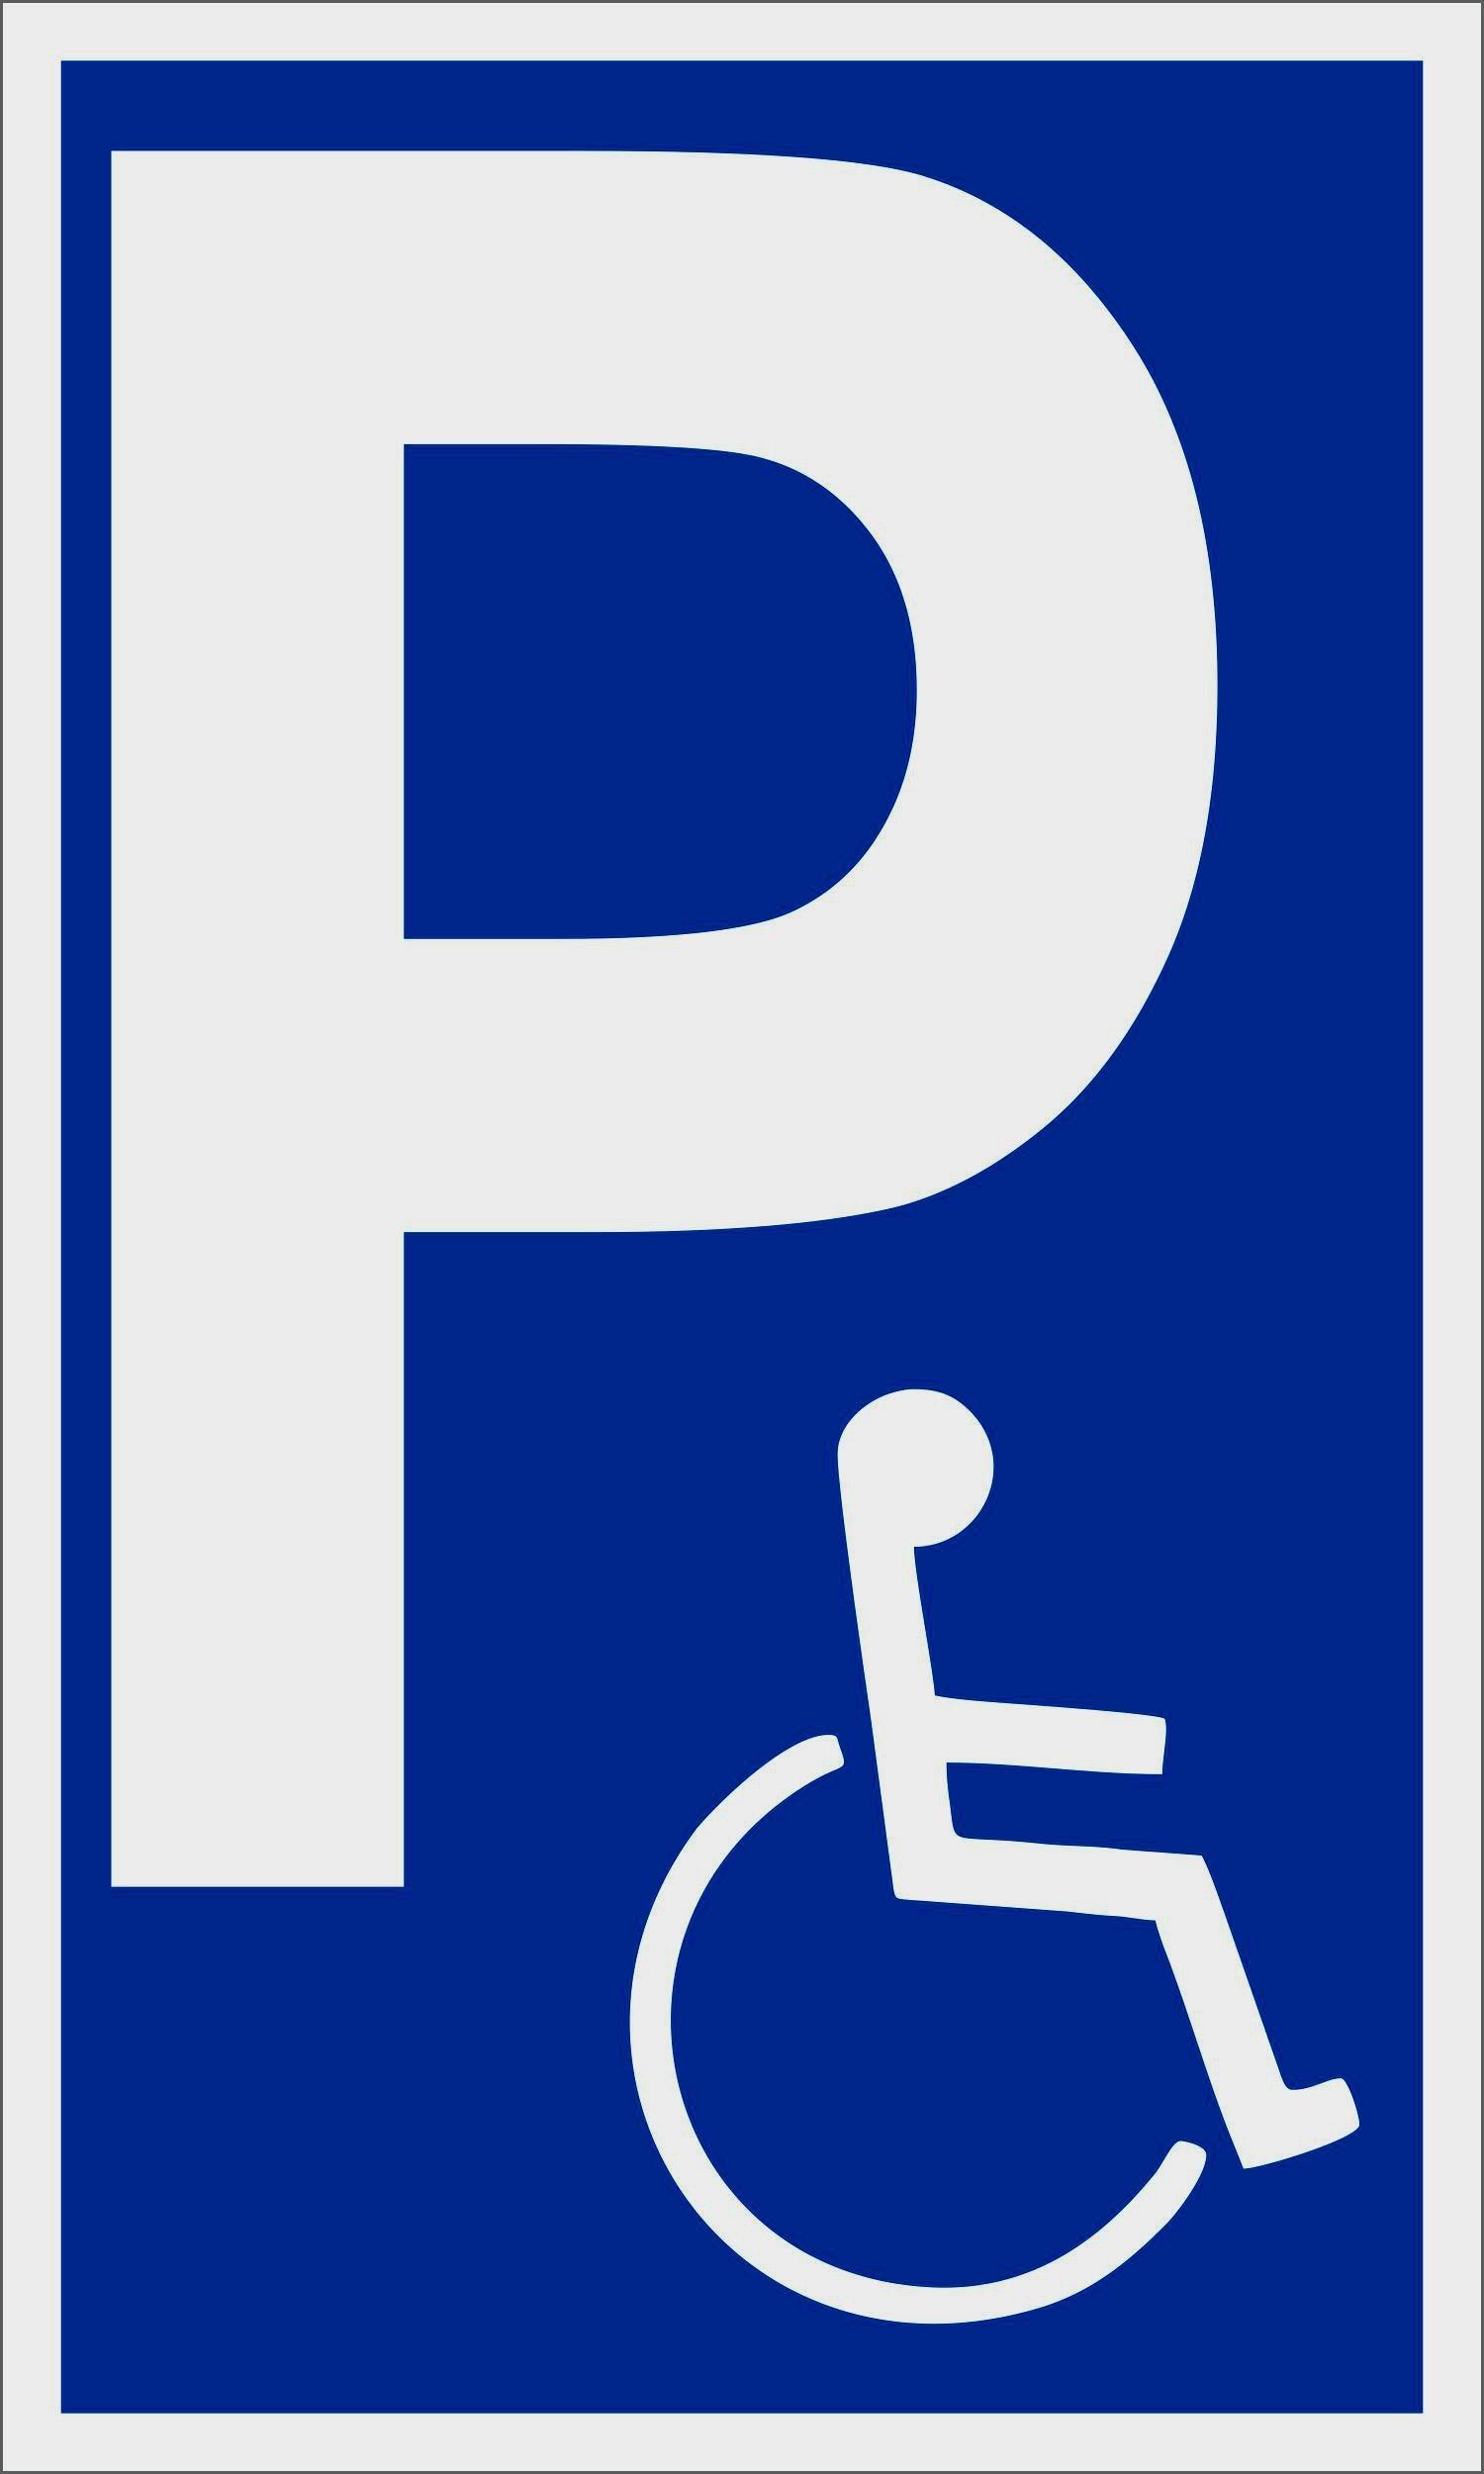 Behindertenparkplatz 250 x 150 mm Warn- Hinweis- und Verbotsschild PST-Kunststoff – Bild 1